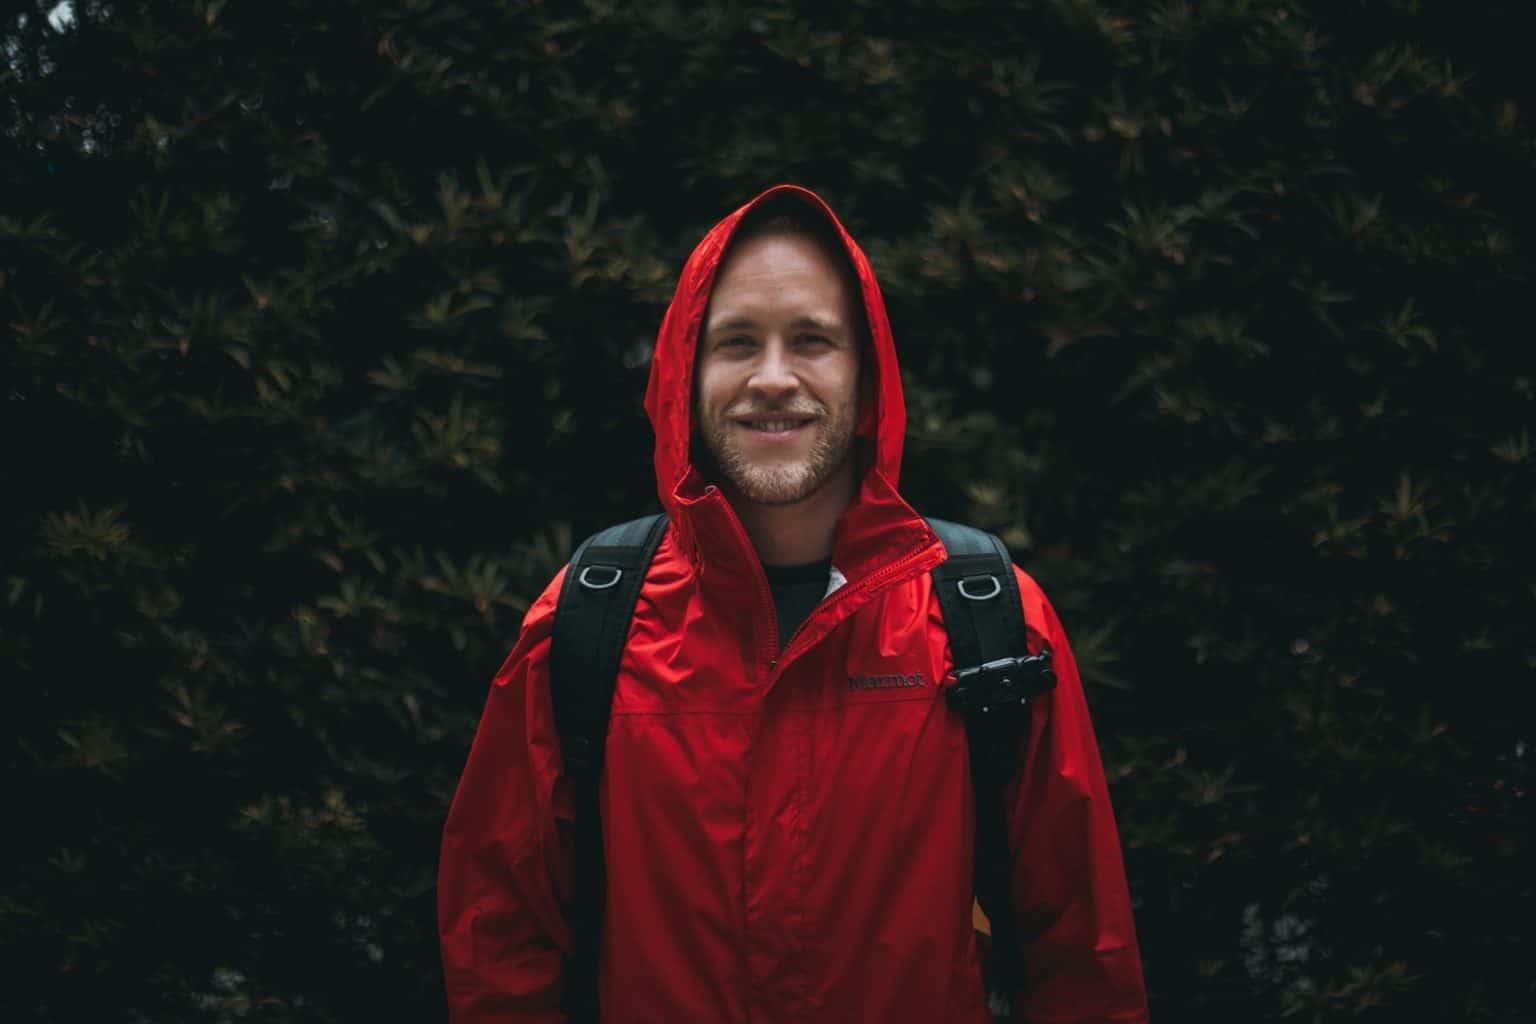 man wearing red jacket